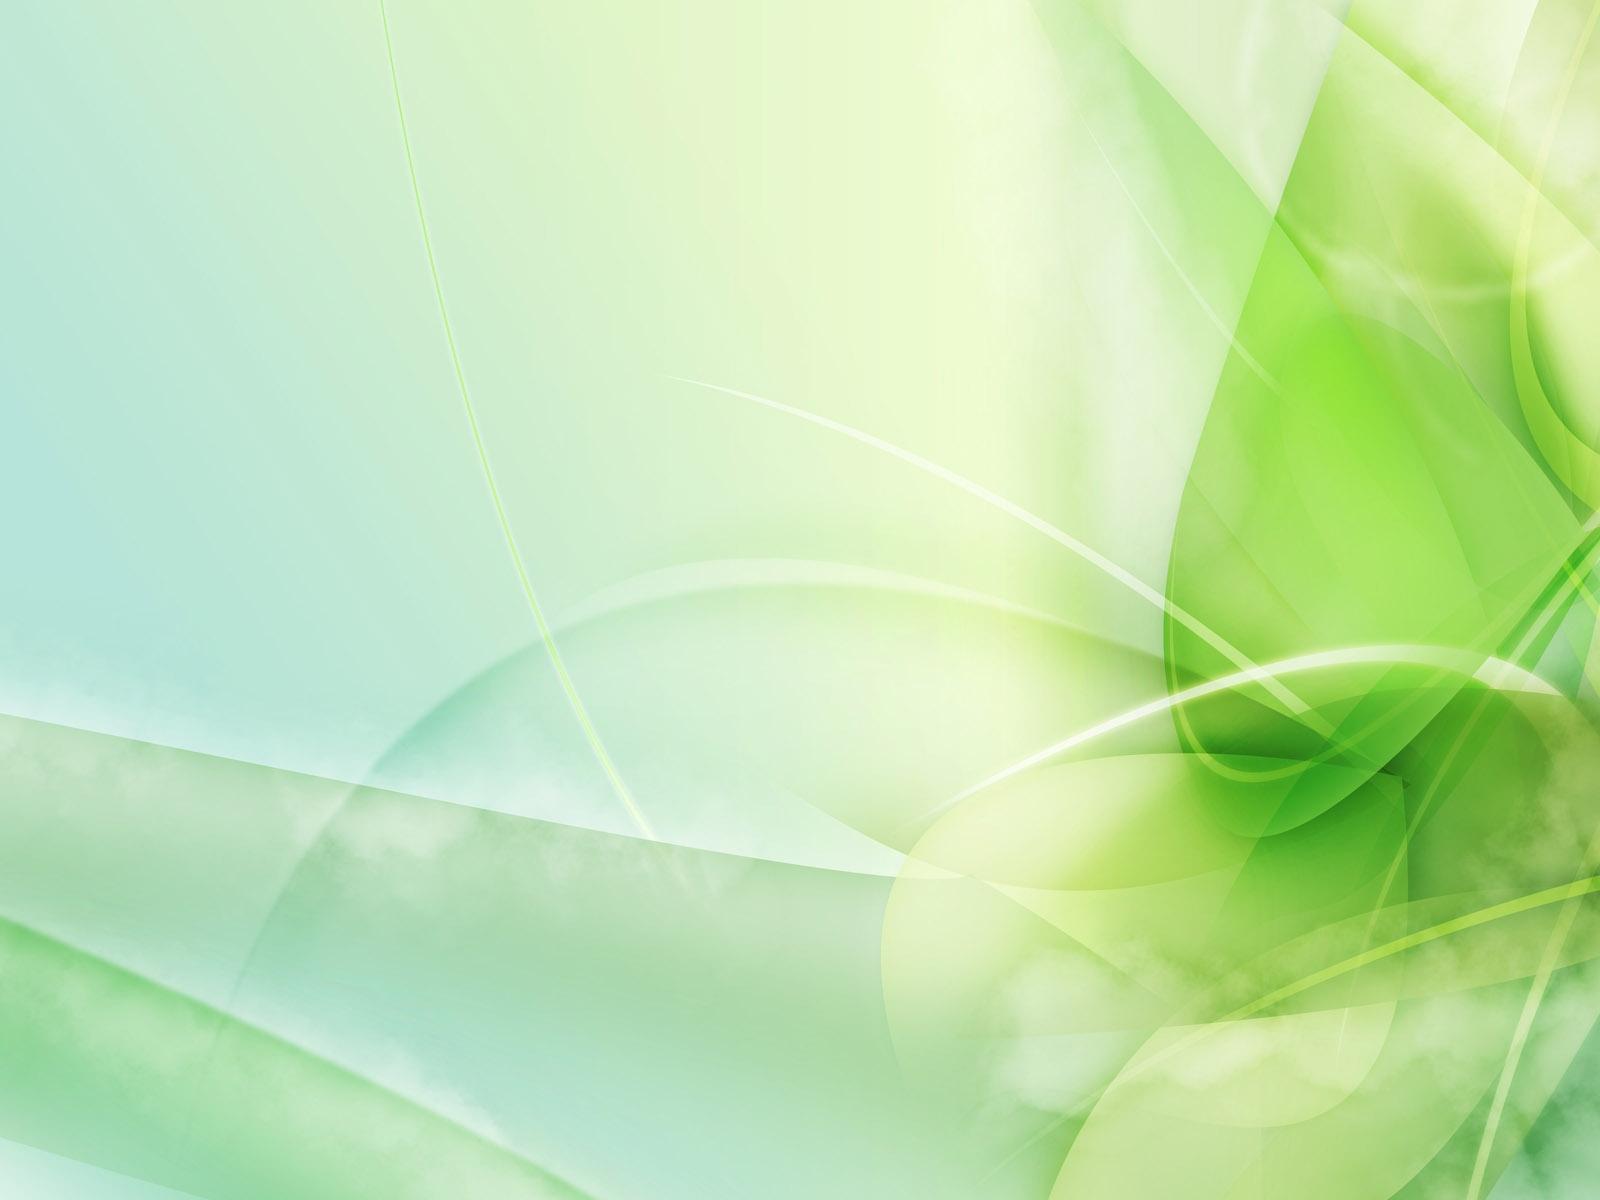 デスクトップ壁紙 草 緑 黄 行 明るい 光 葉 フローラ